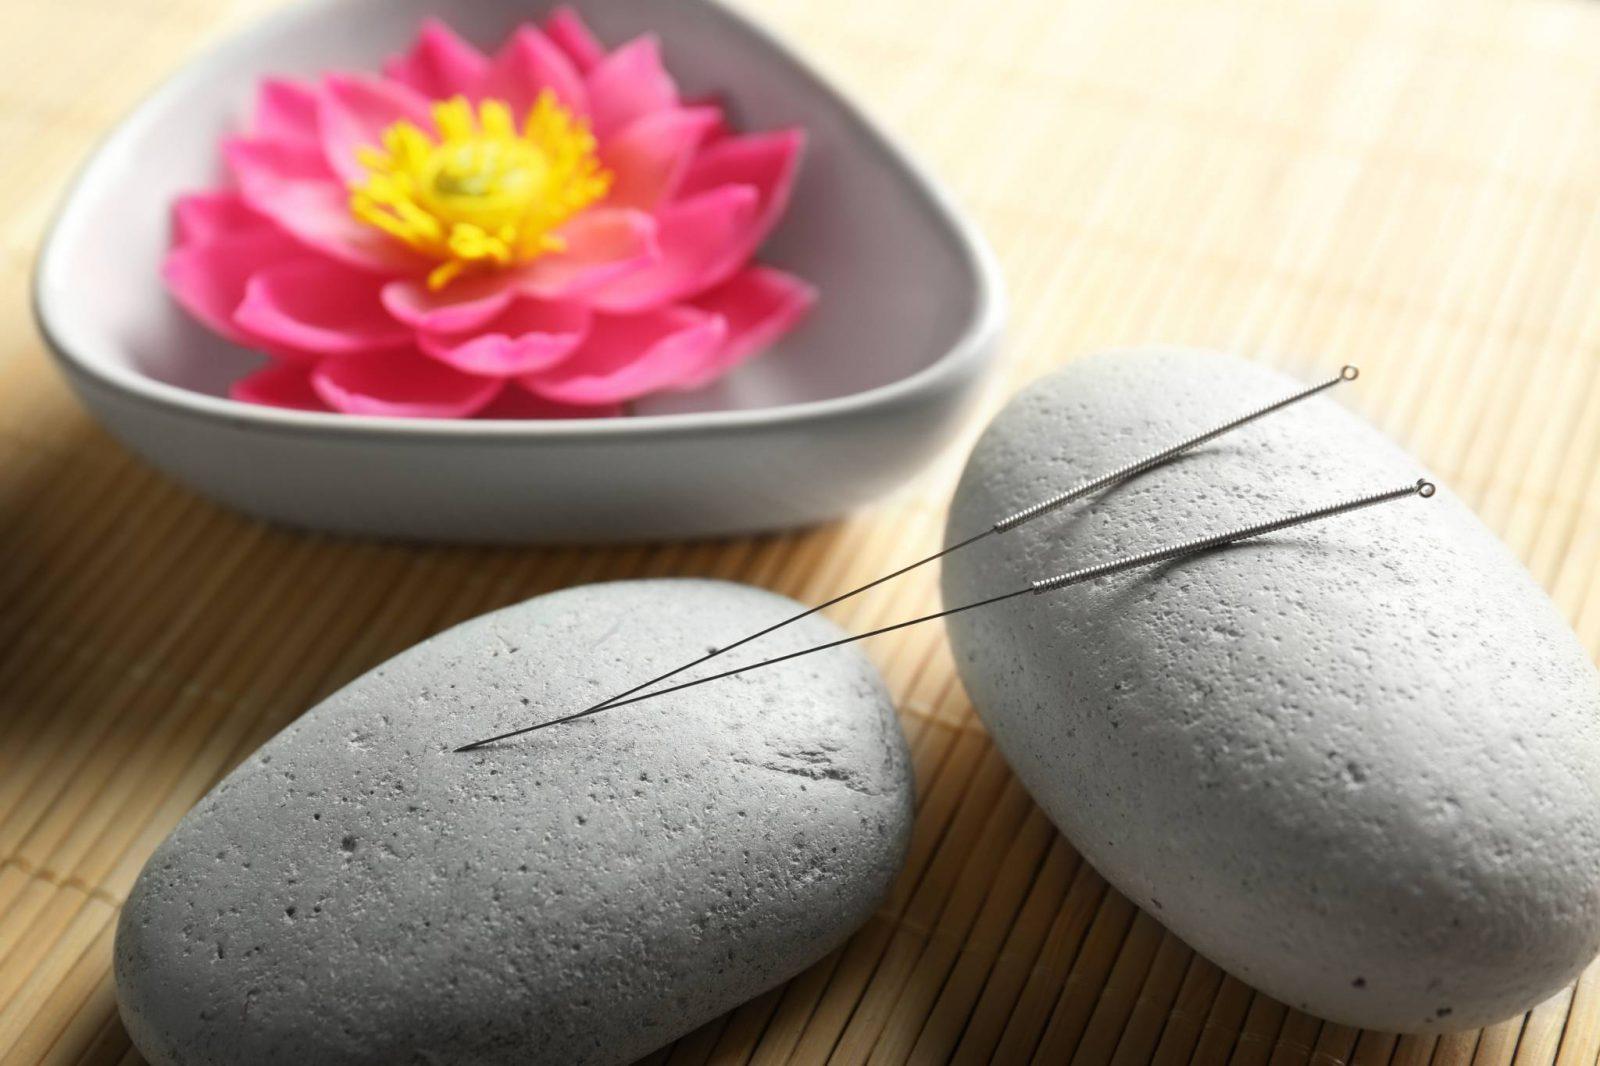 Medycyna chińska - zdrowie to równowaga